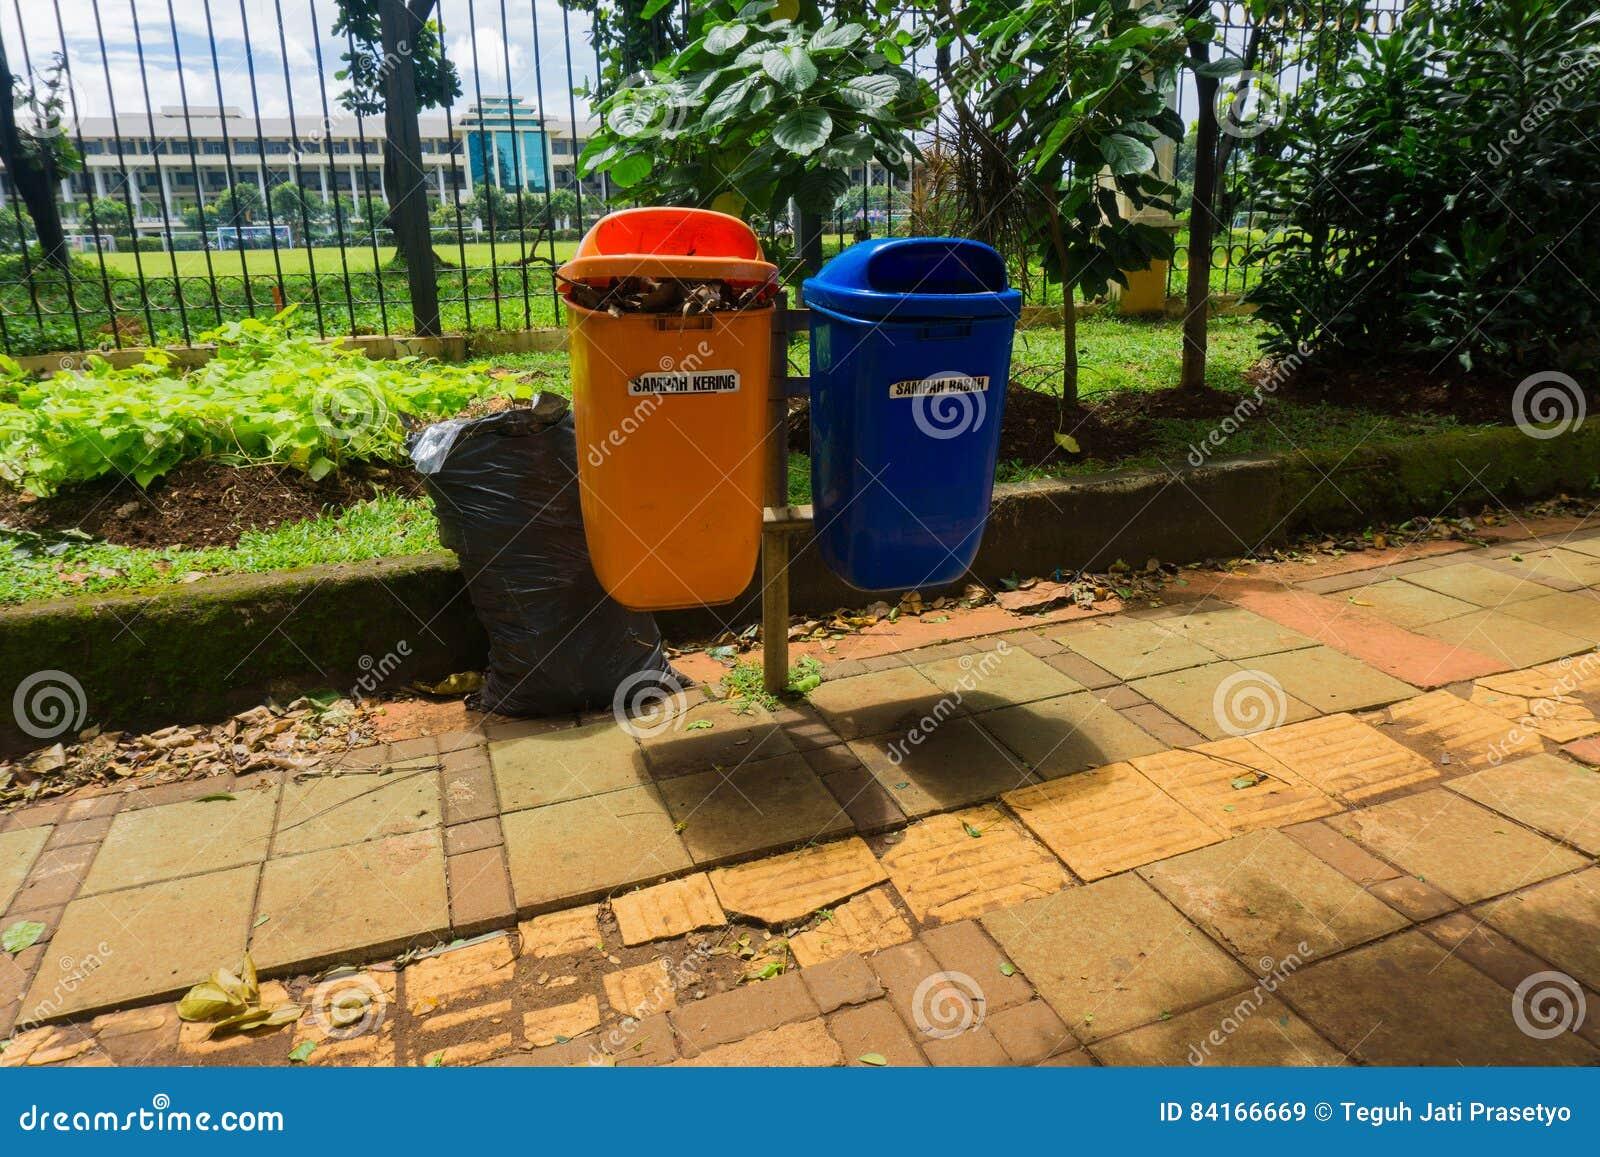 Organische en unorganic afvalbak in voetdiefoto in Djakarta Indonesië wordt genomen